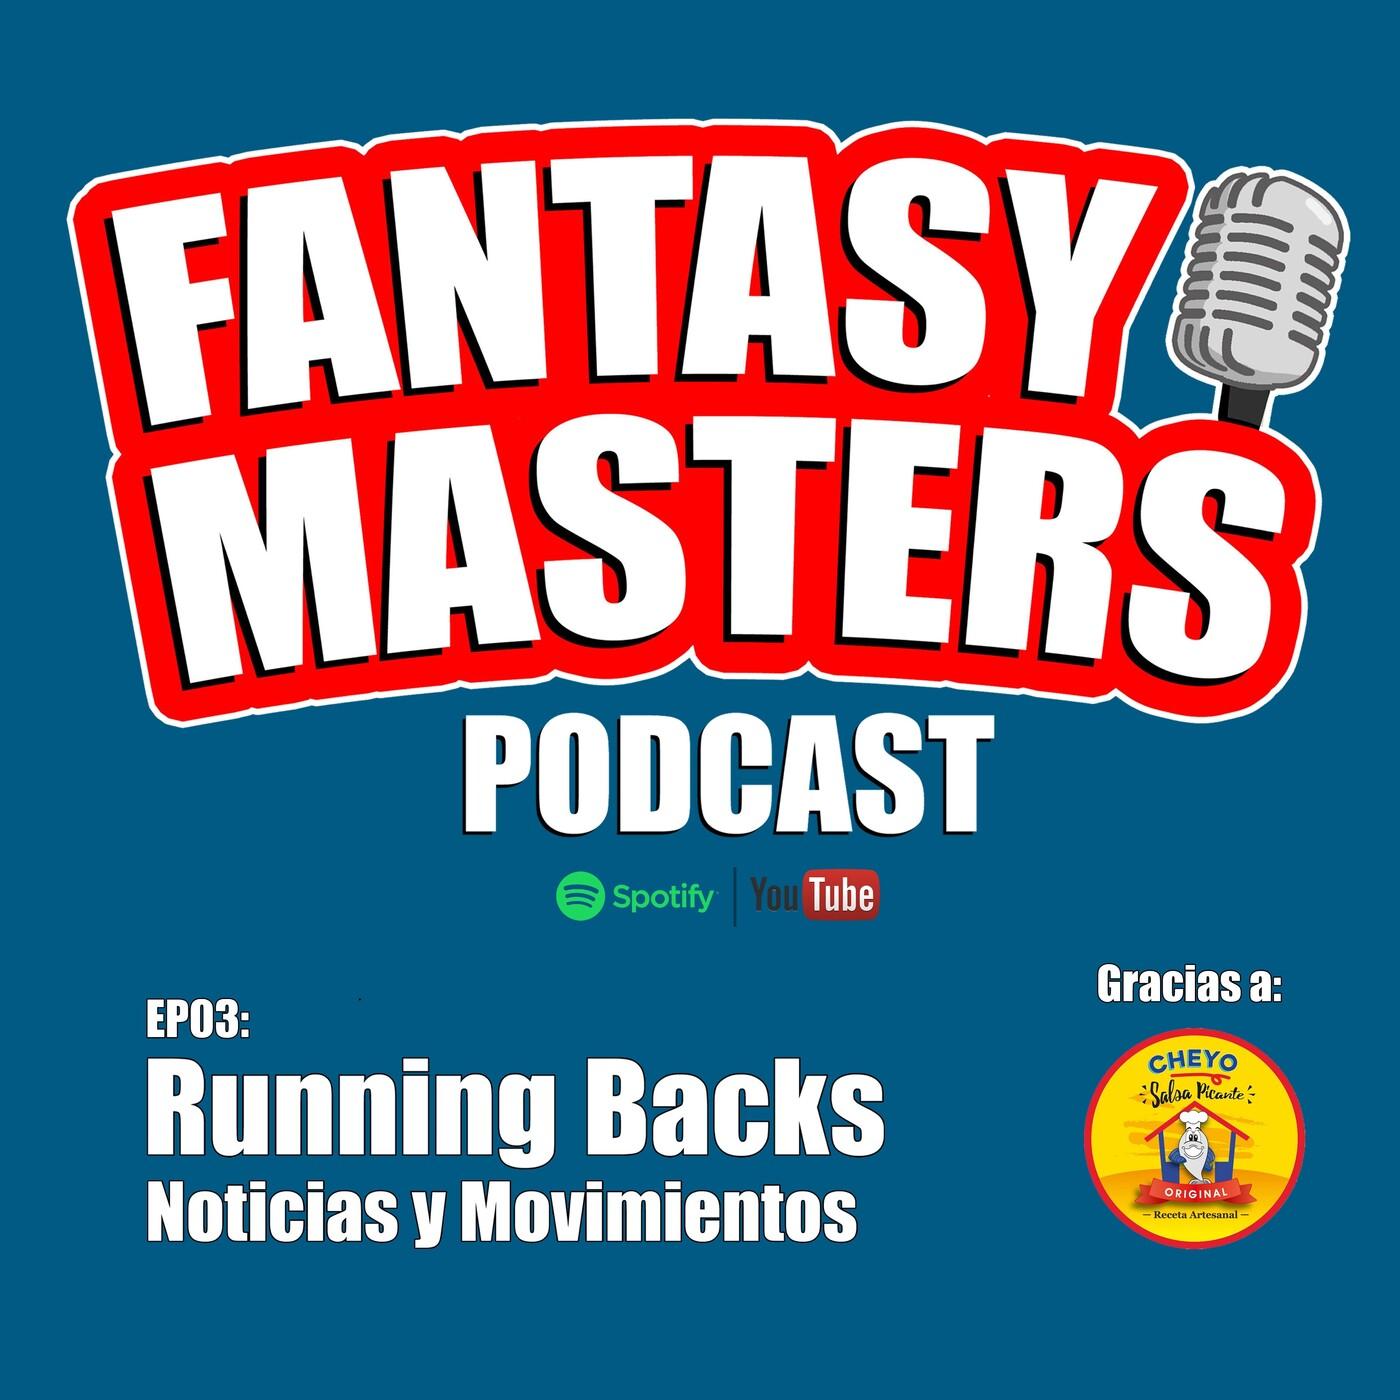 Running Backs - Noticias y Movimientos 2020 - EP03